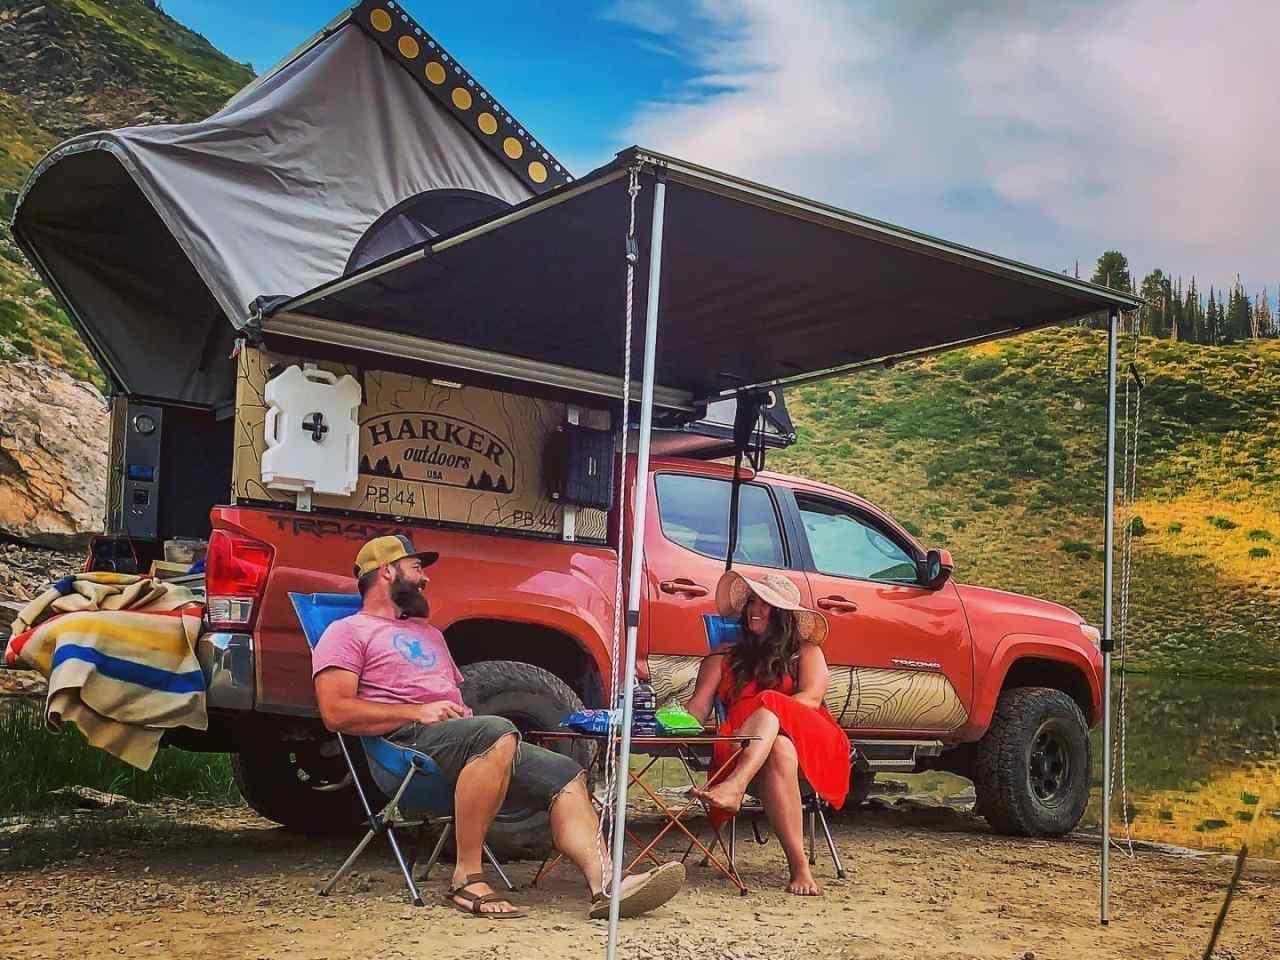 トヨタ「タコマ」が行ける場所そこが今日のキャンプ地Harker Outdoorsの「EDC」